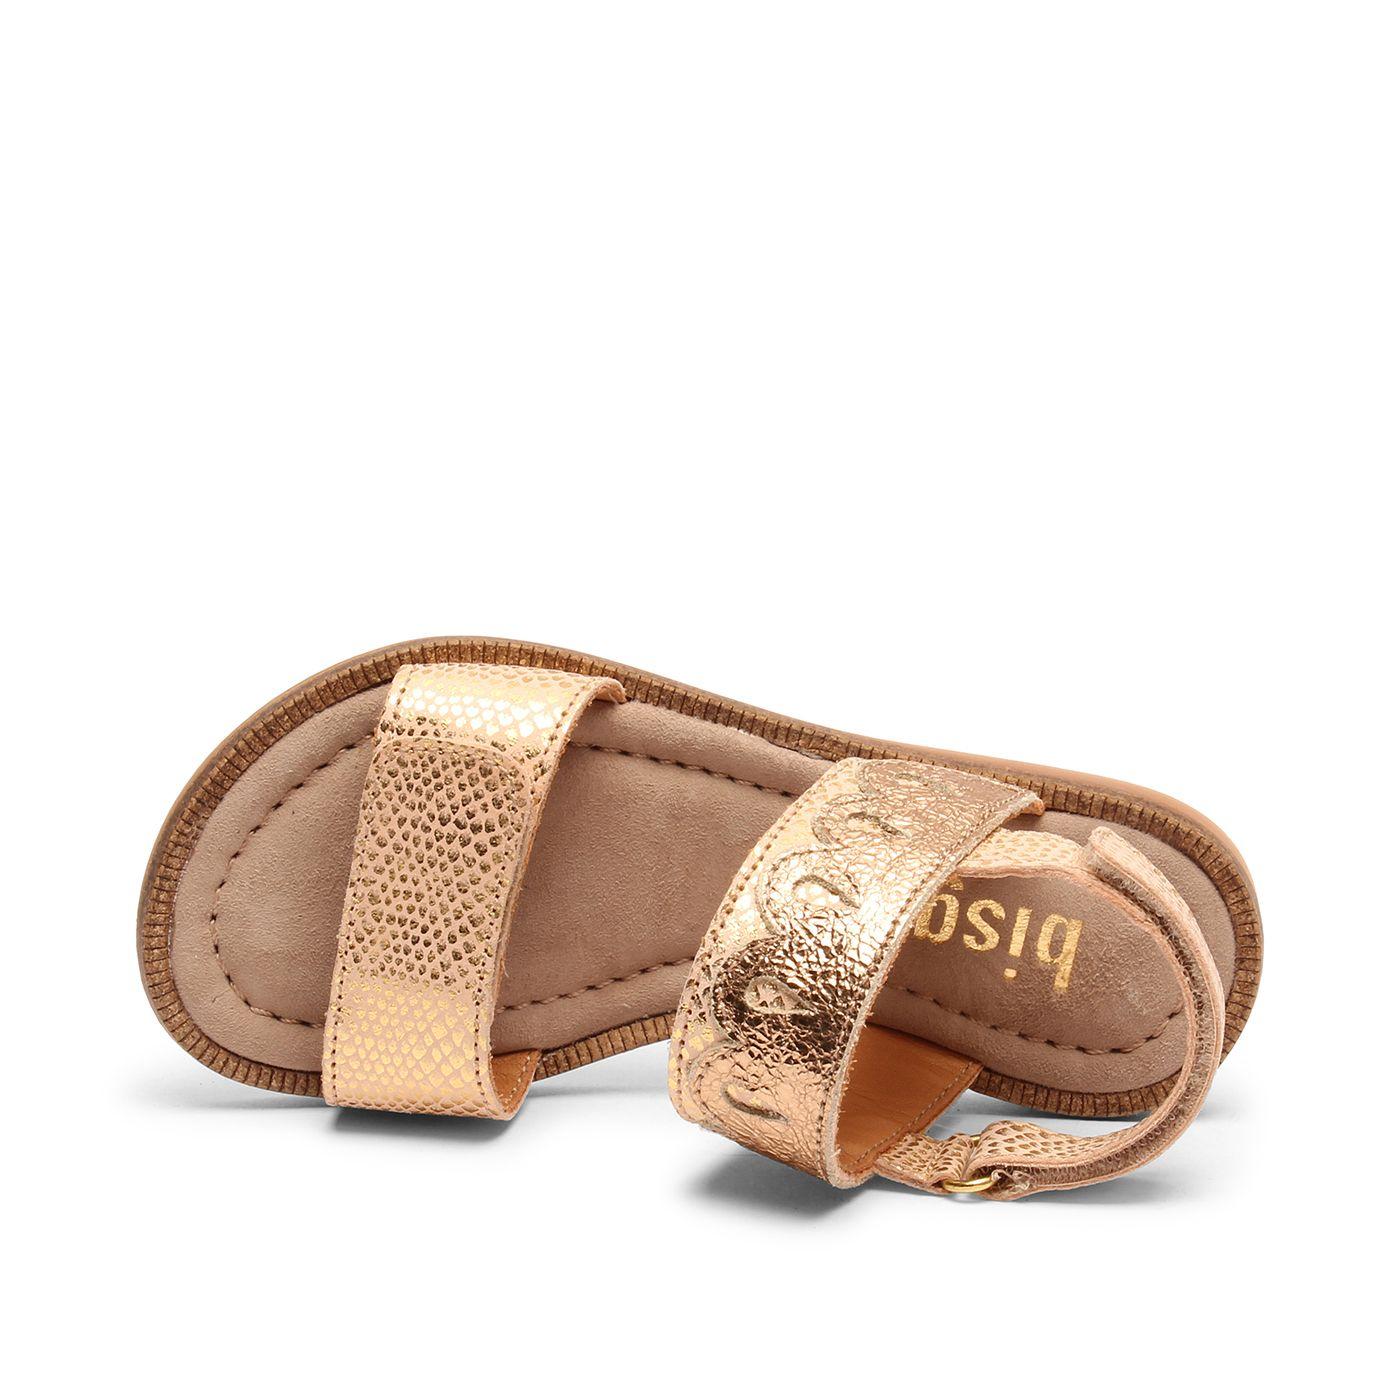 Bisgaard Belle sandal, creme, 34